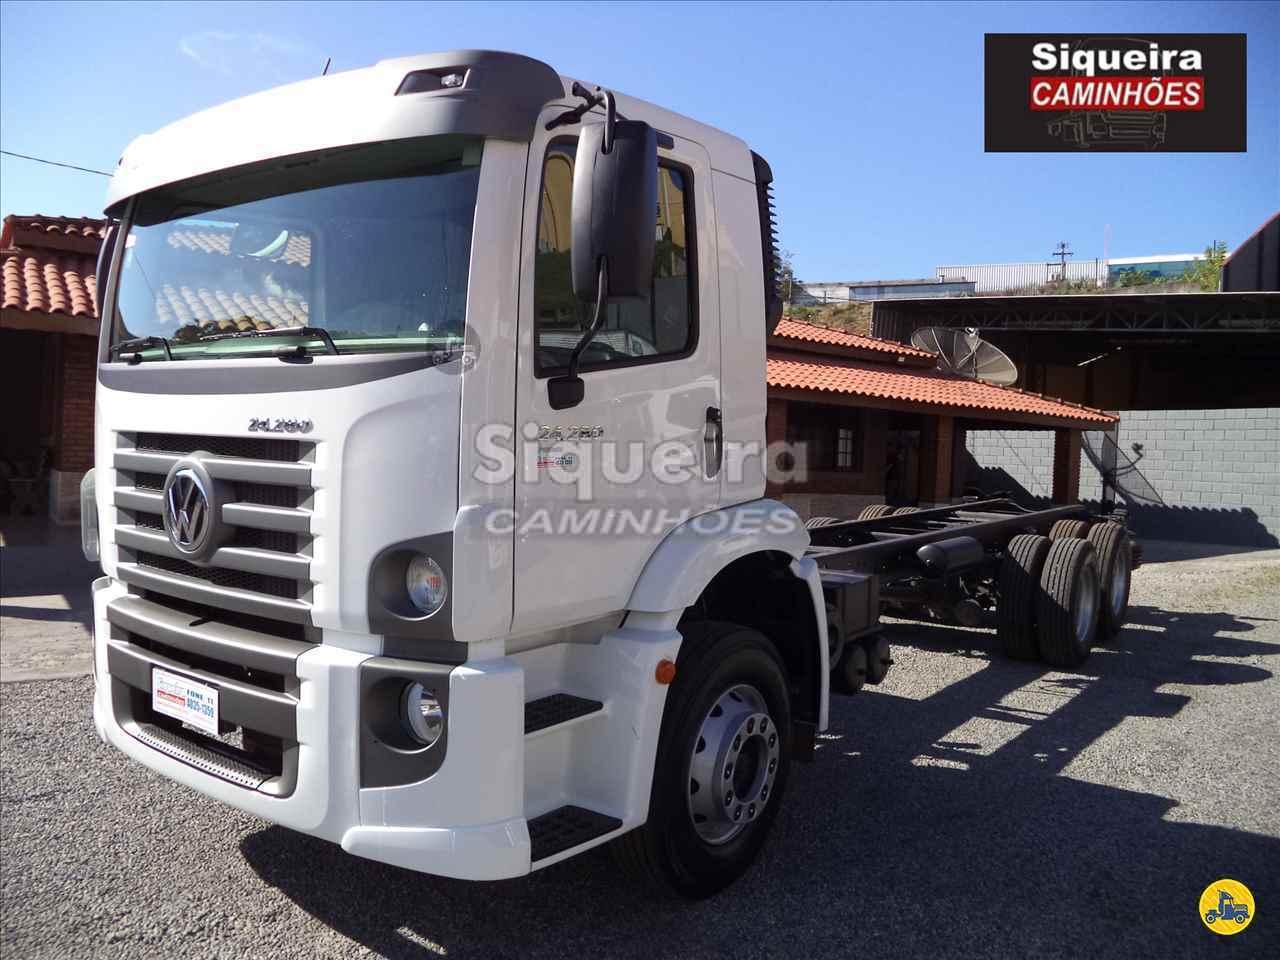 CAMINHAO VOLKSWAGEN VW 24280 Chassis Truck 6x2 Siqueira Caminhões BRAGANCA PAULISTA SÃO PAULO SP